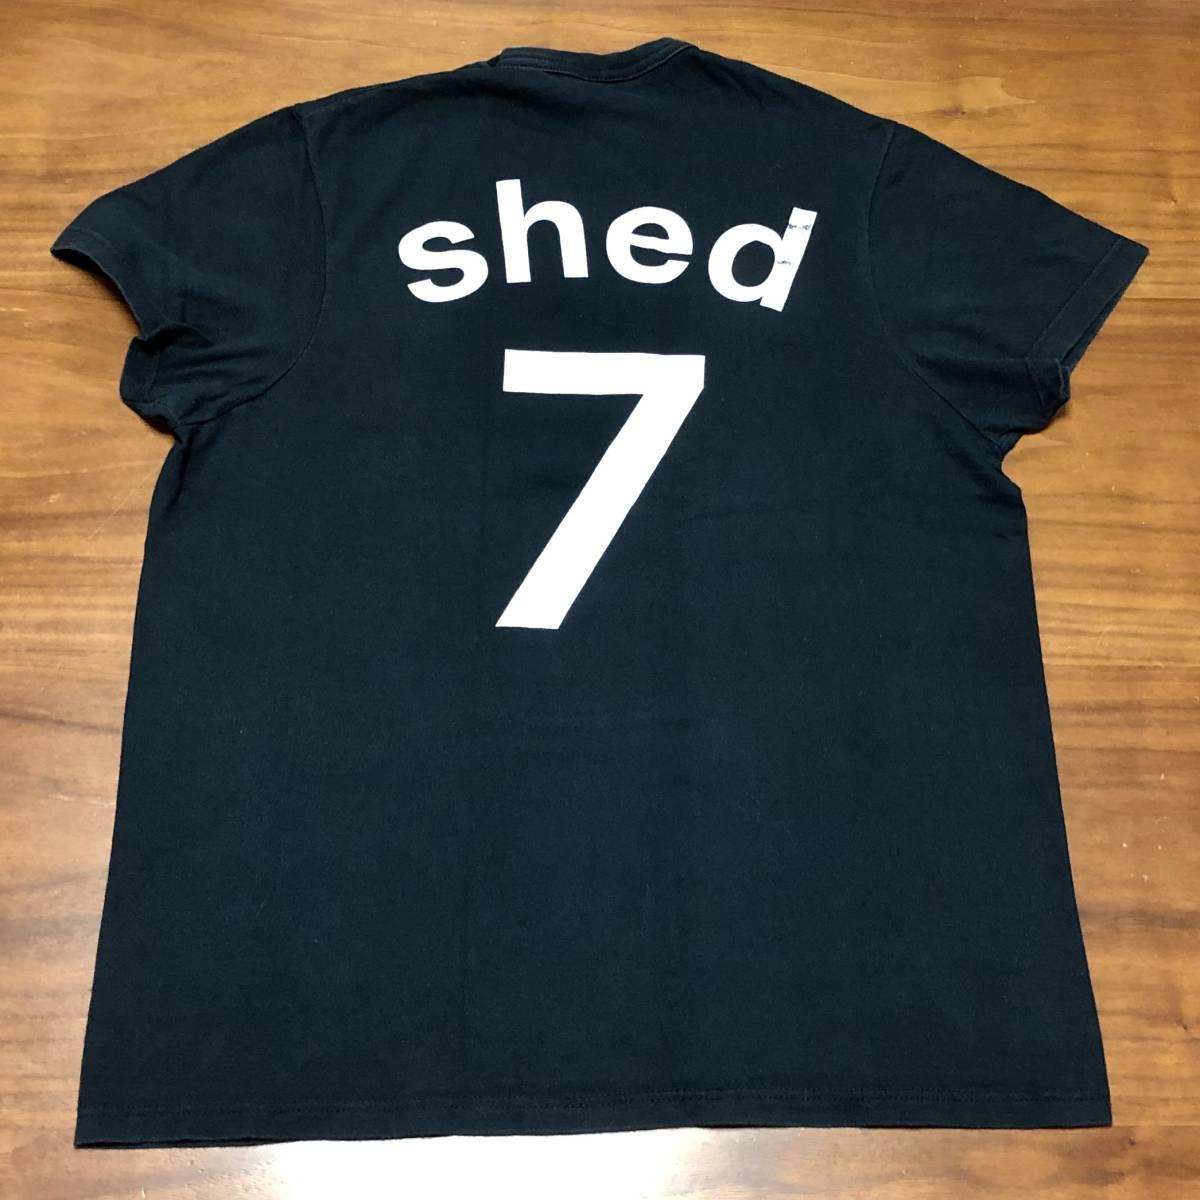 00s ビンテージ Shed 7 シェッド セブン Tシャツ Mサイズ ヴィンテージ バンドT BLUR OASIS NIRVANA ブリットポップ ブラー オアシス BOWIE_画像3